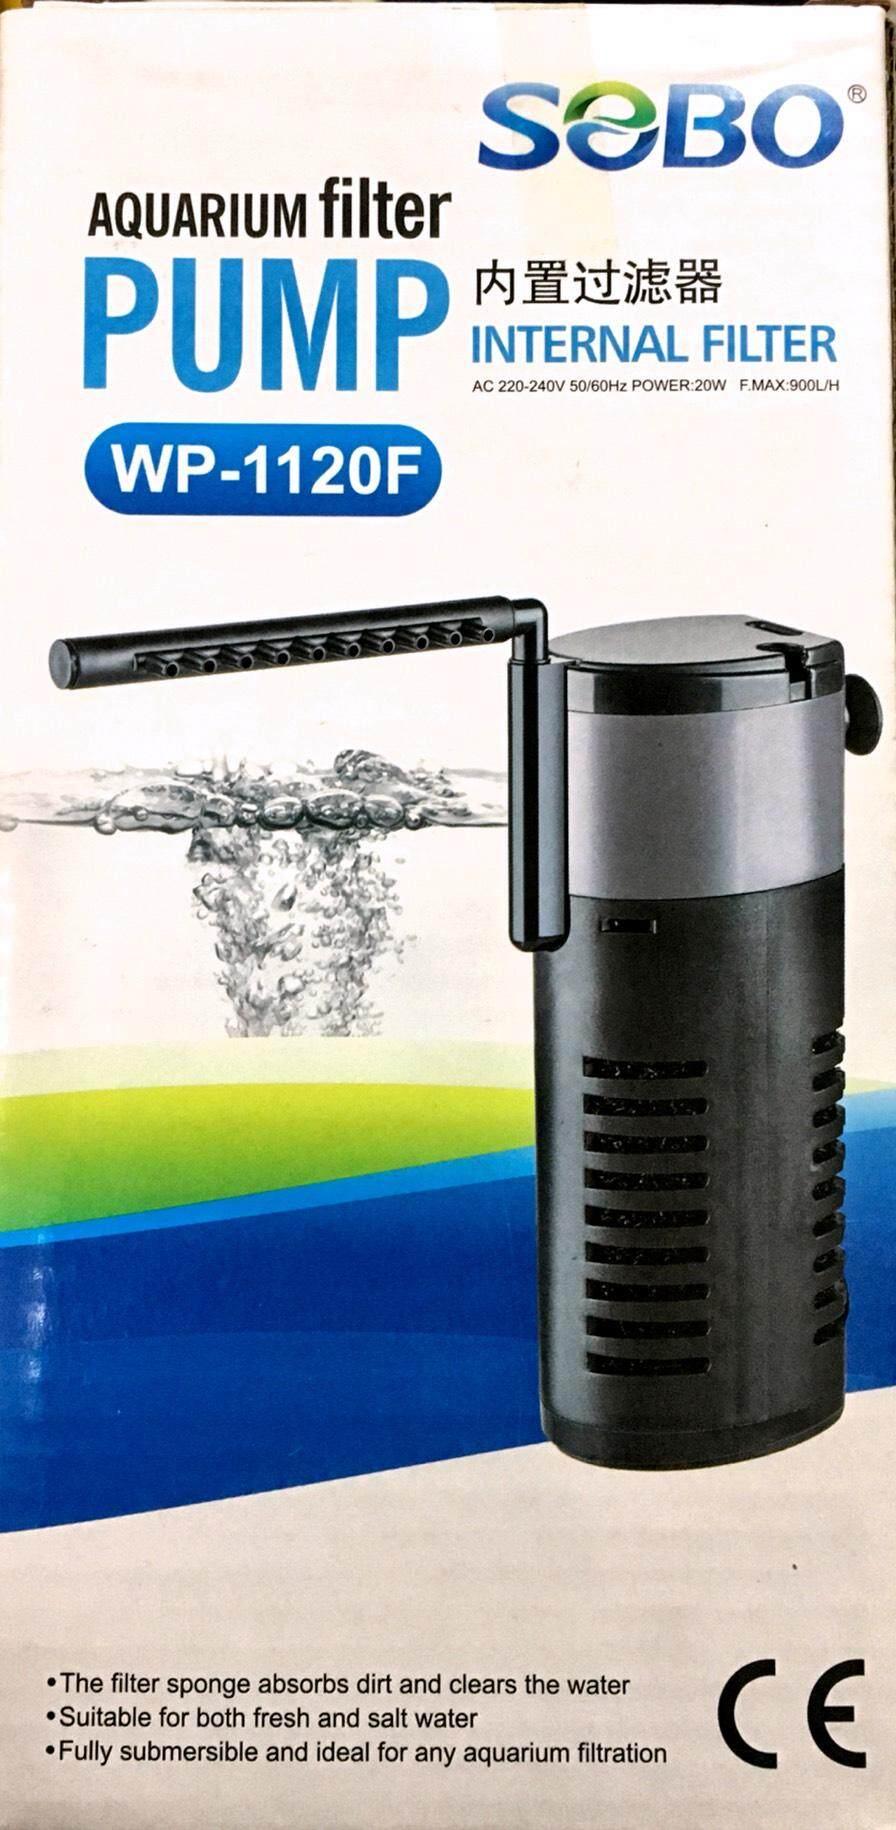 ปั๊มน้ำ SOBO WP-1120F เหมาะสำหรับตู้ปลาขนาด 16-20 นิ้ว